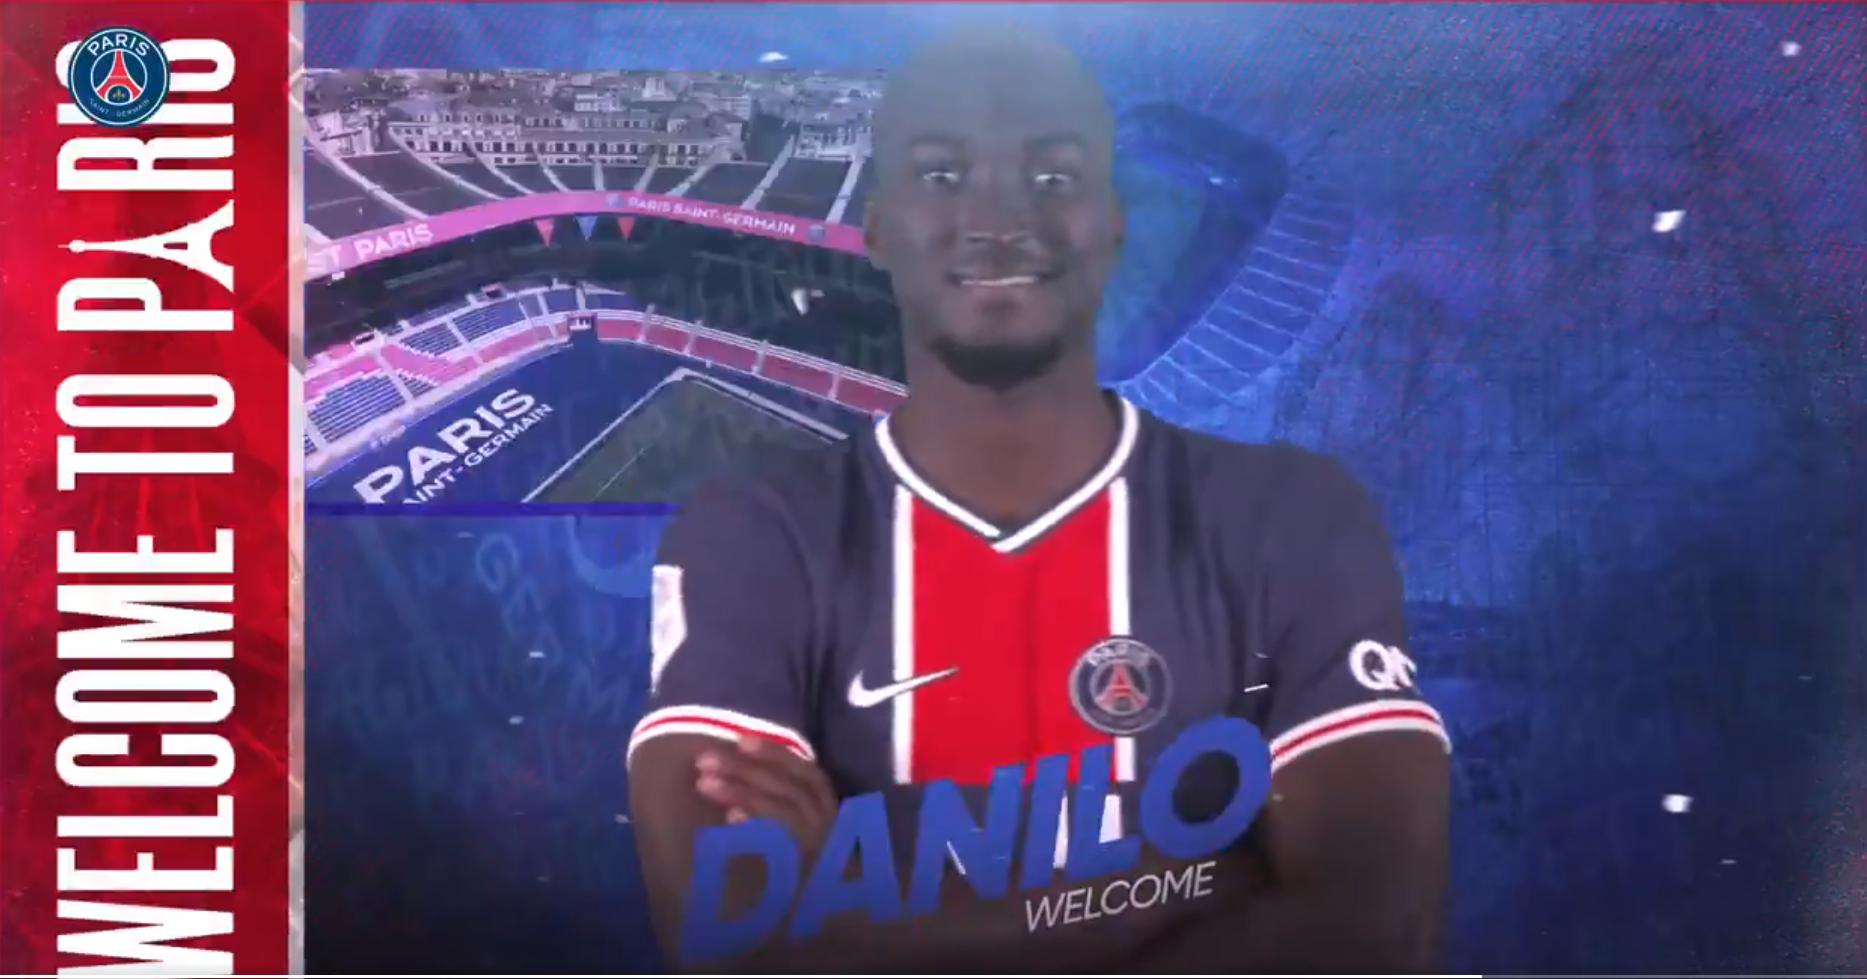 官方:波尔图中场达尼洛租借加盟巴黎